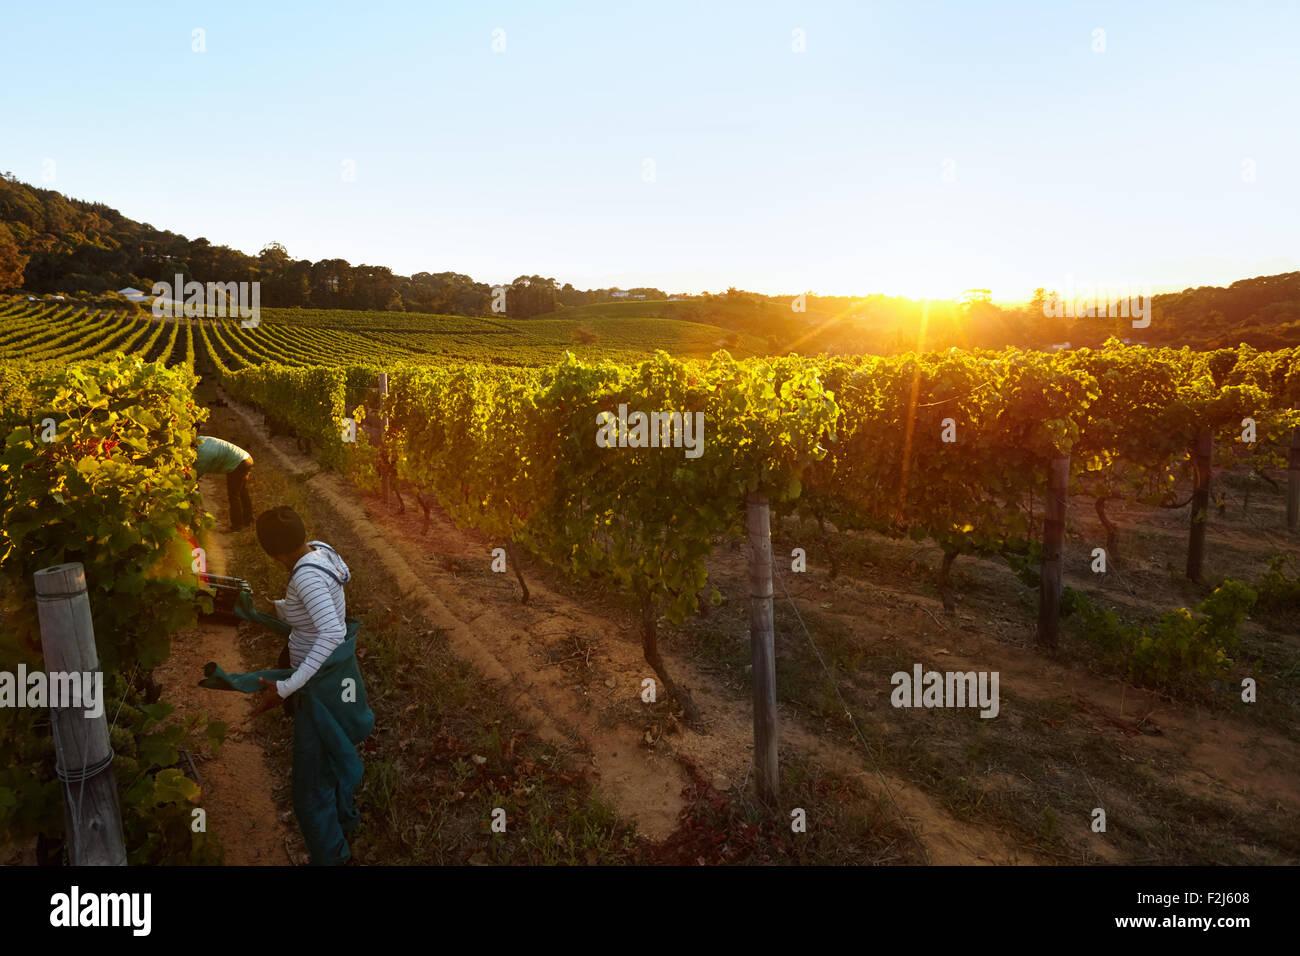 Fila de vides con trabajadores que trabajan en la granja de la uva. La gente cosechando uvas en la viña. Imagen De Stock